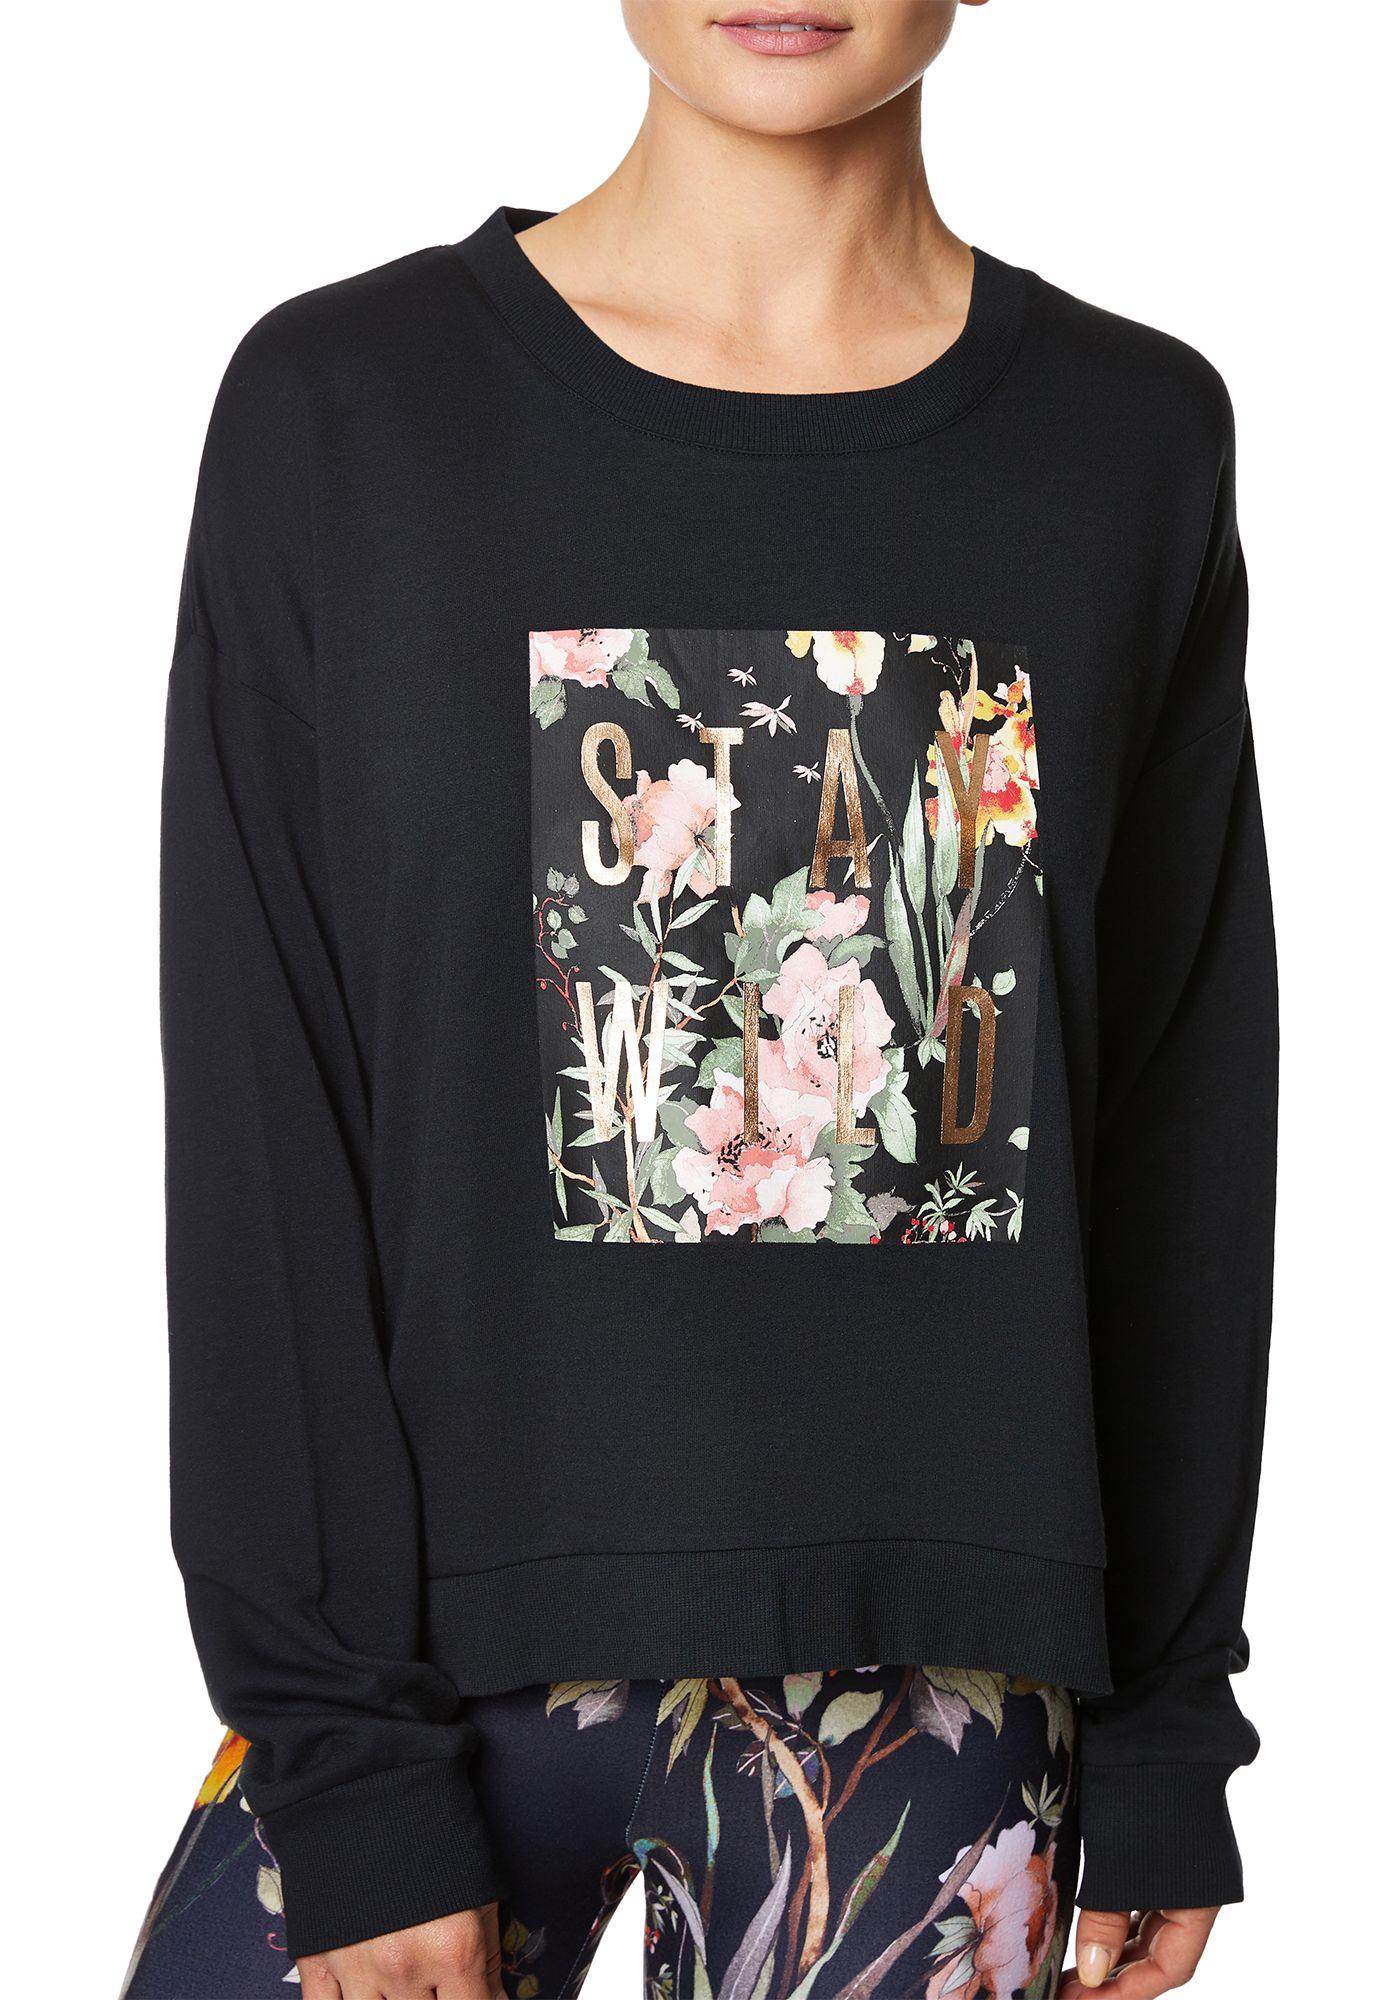 Betsey Johnson Women's Stay Wild Graphic Sweatshirt